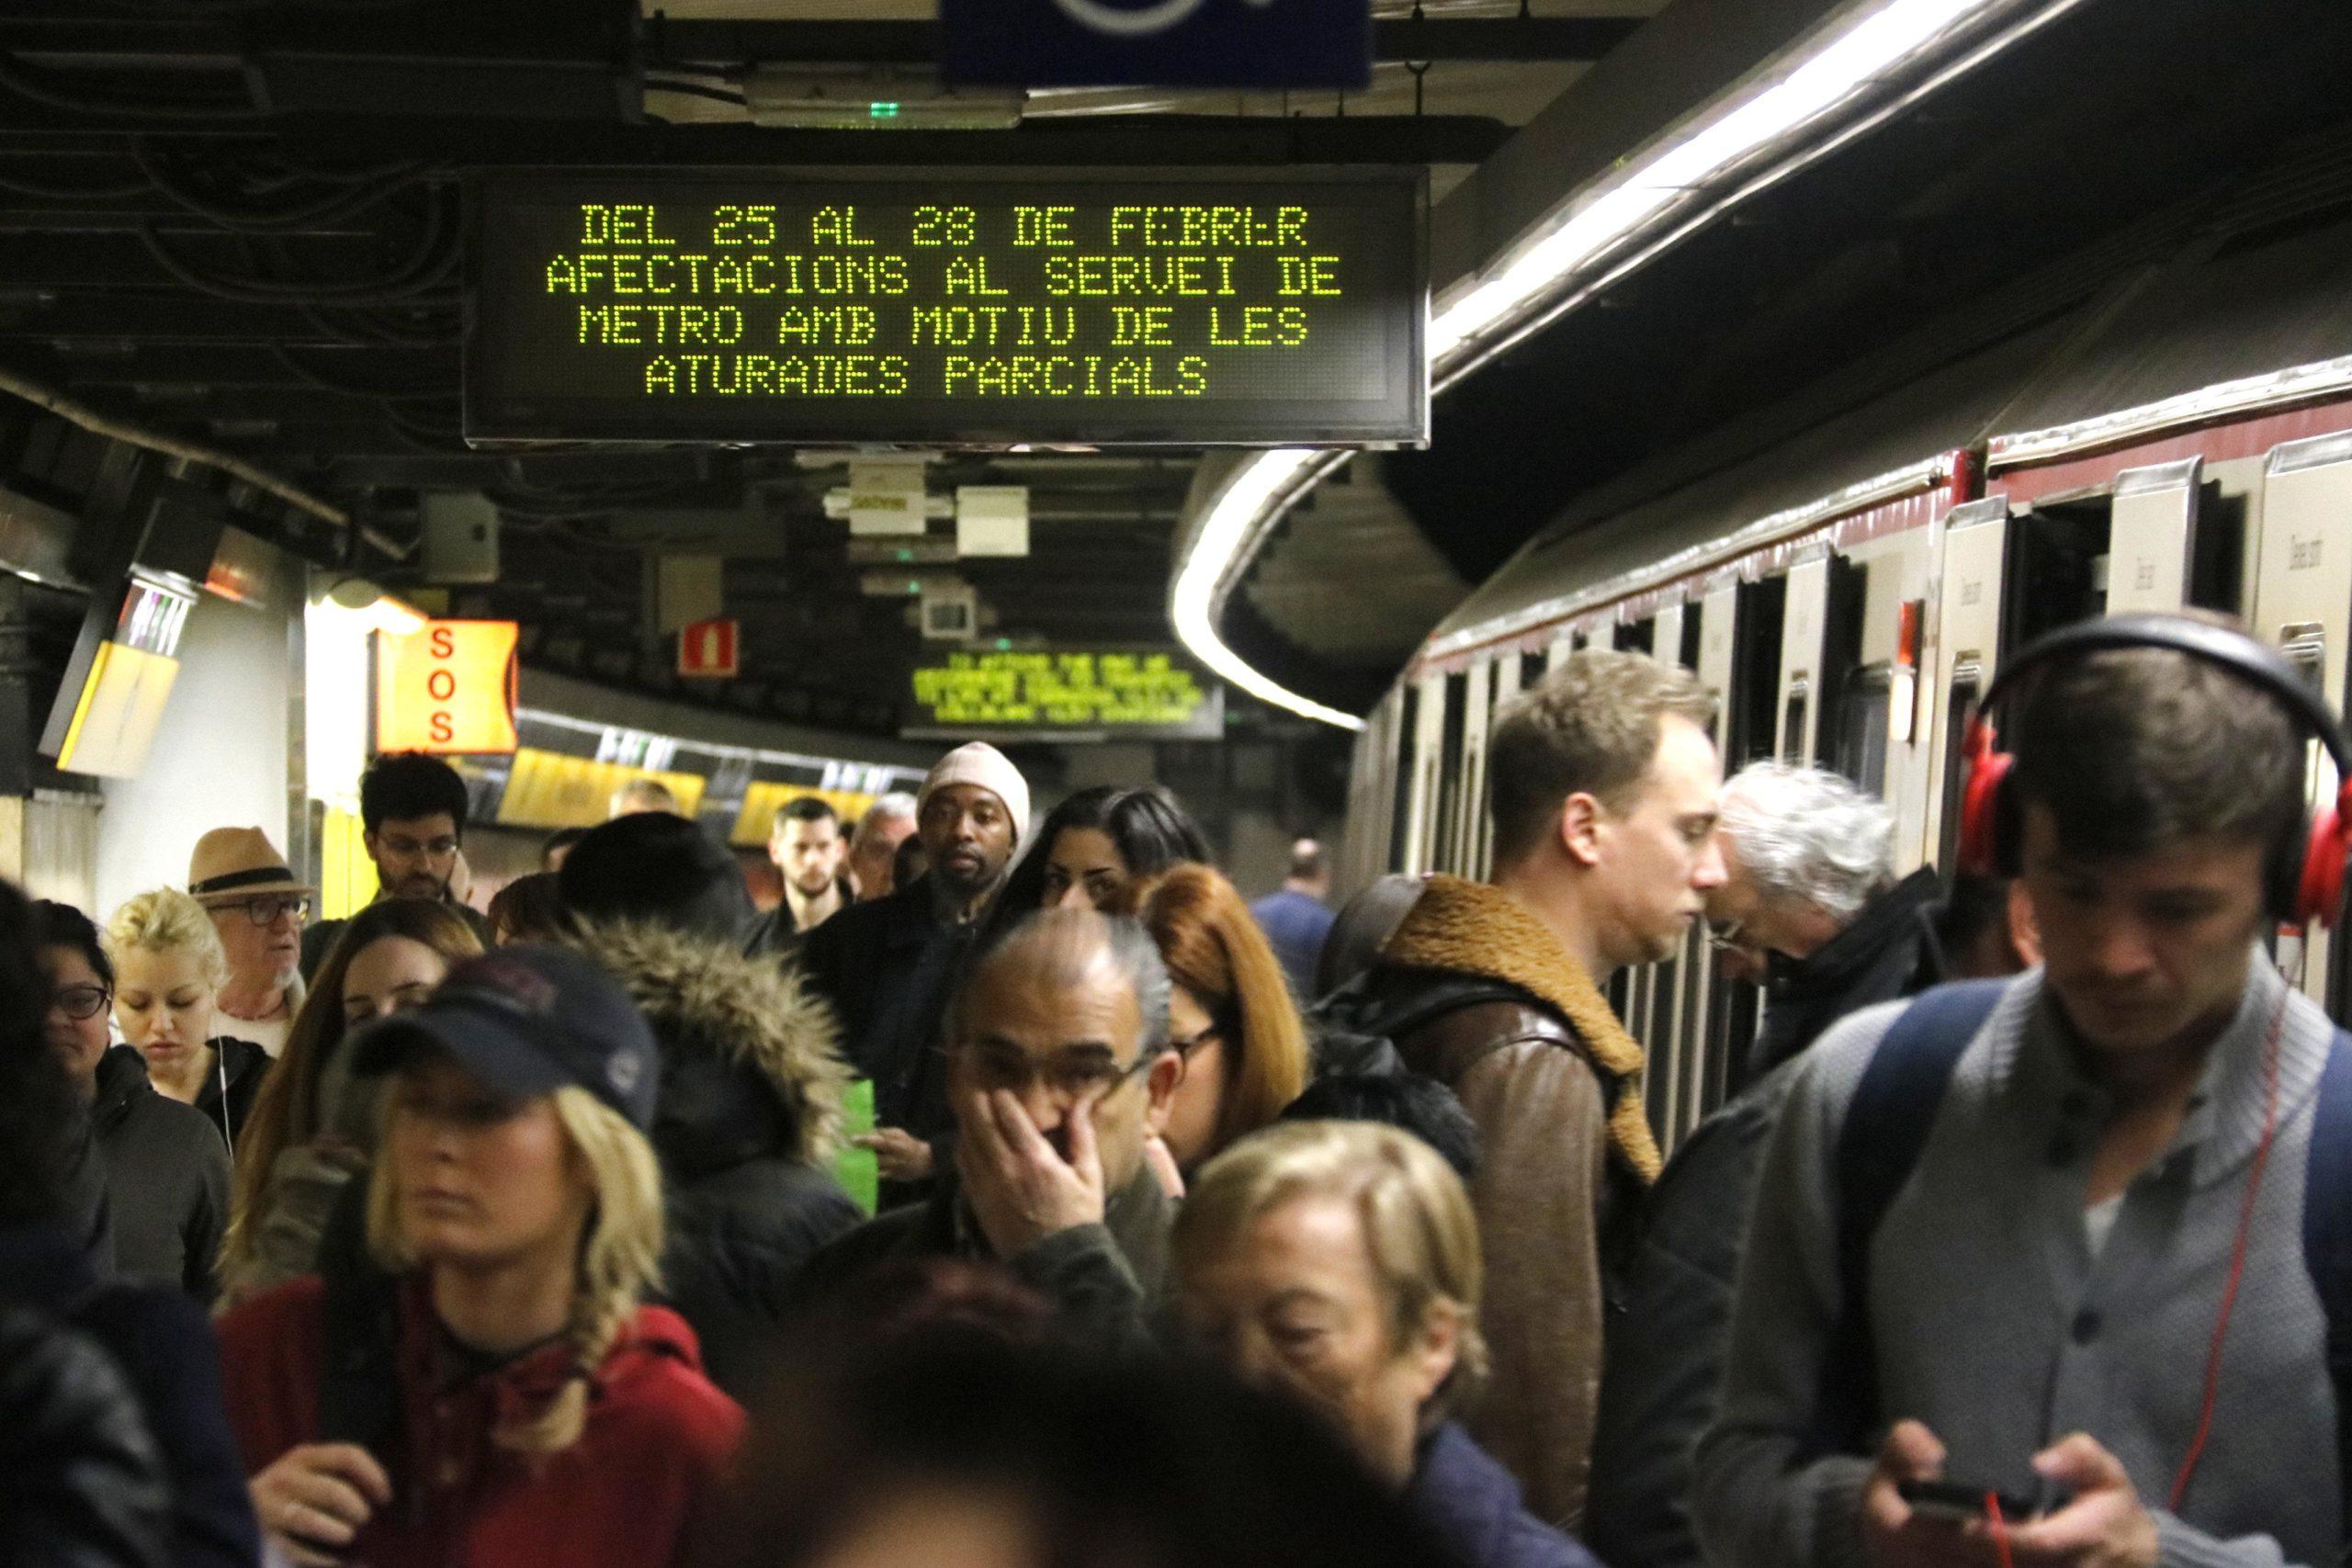 Un cartell anuncia de les afectacions de la vaga de metro davant l'aglomeració de passatgers, el 25 de febrer de 2019 / ACN